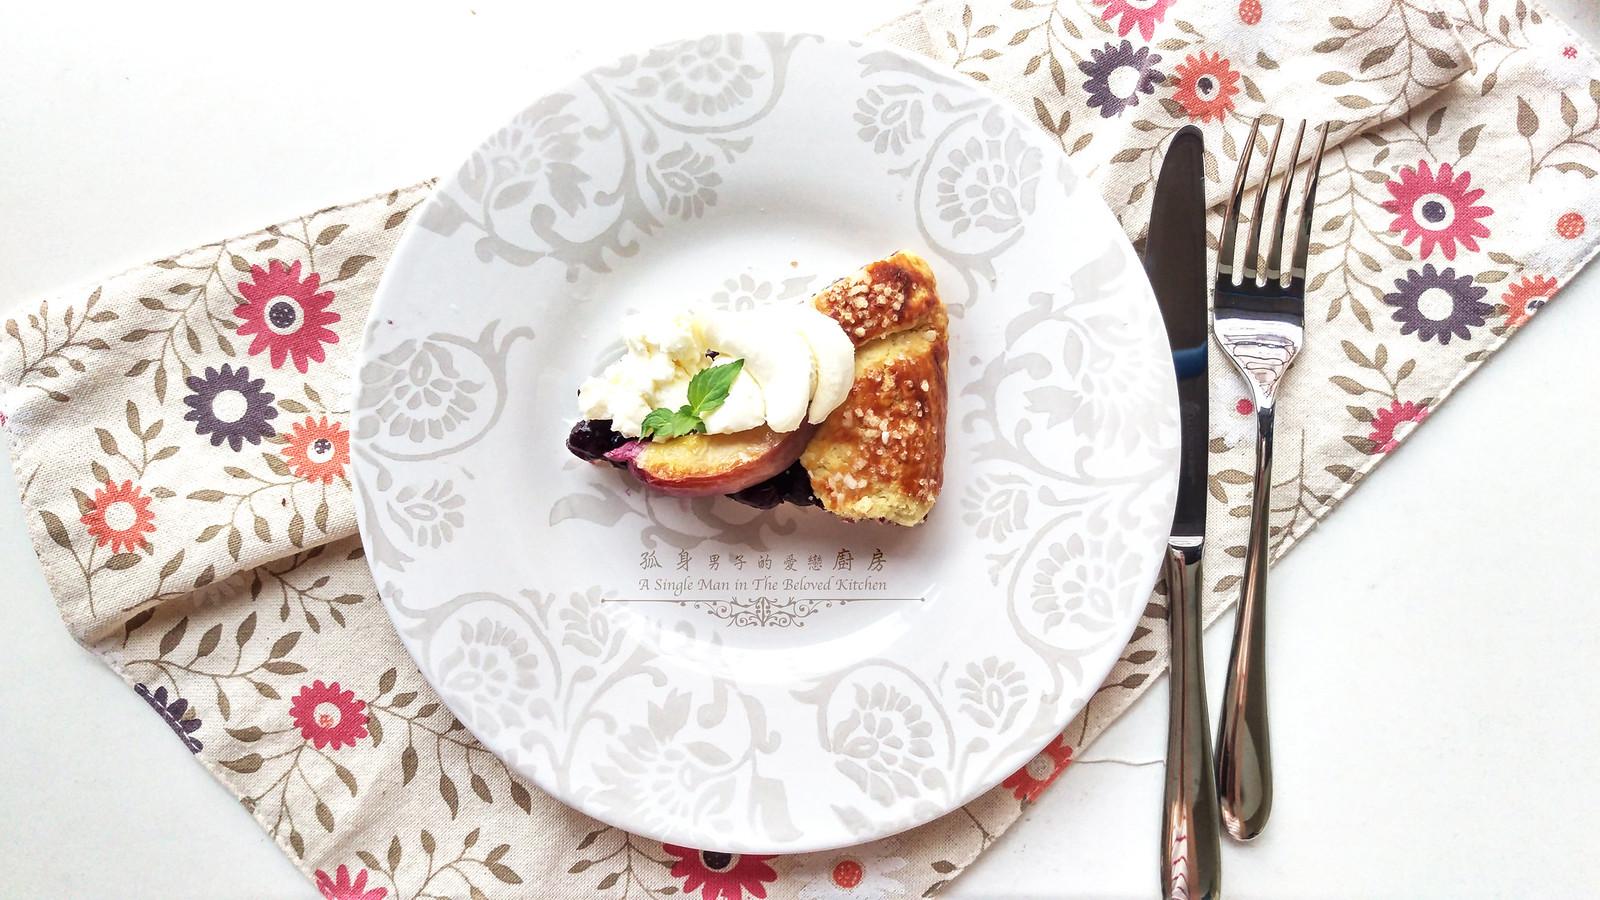 孤身廚房-藍莓甜桃法式烘餅Blueberry-Nectarin Galette34